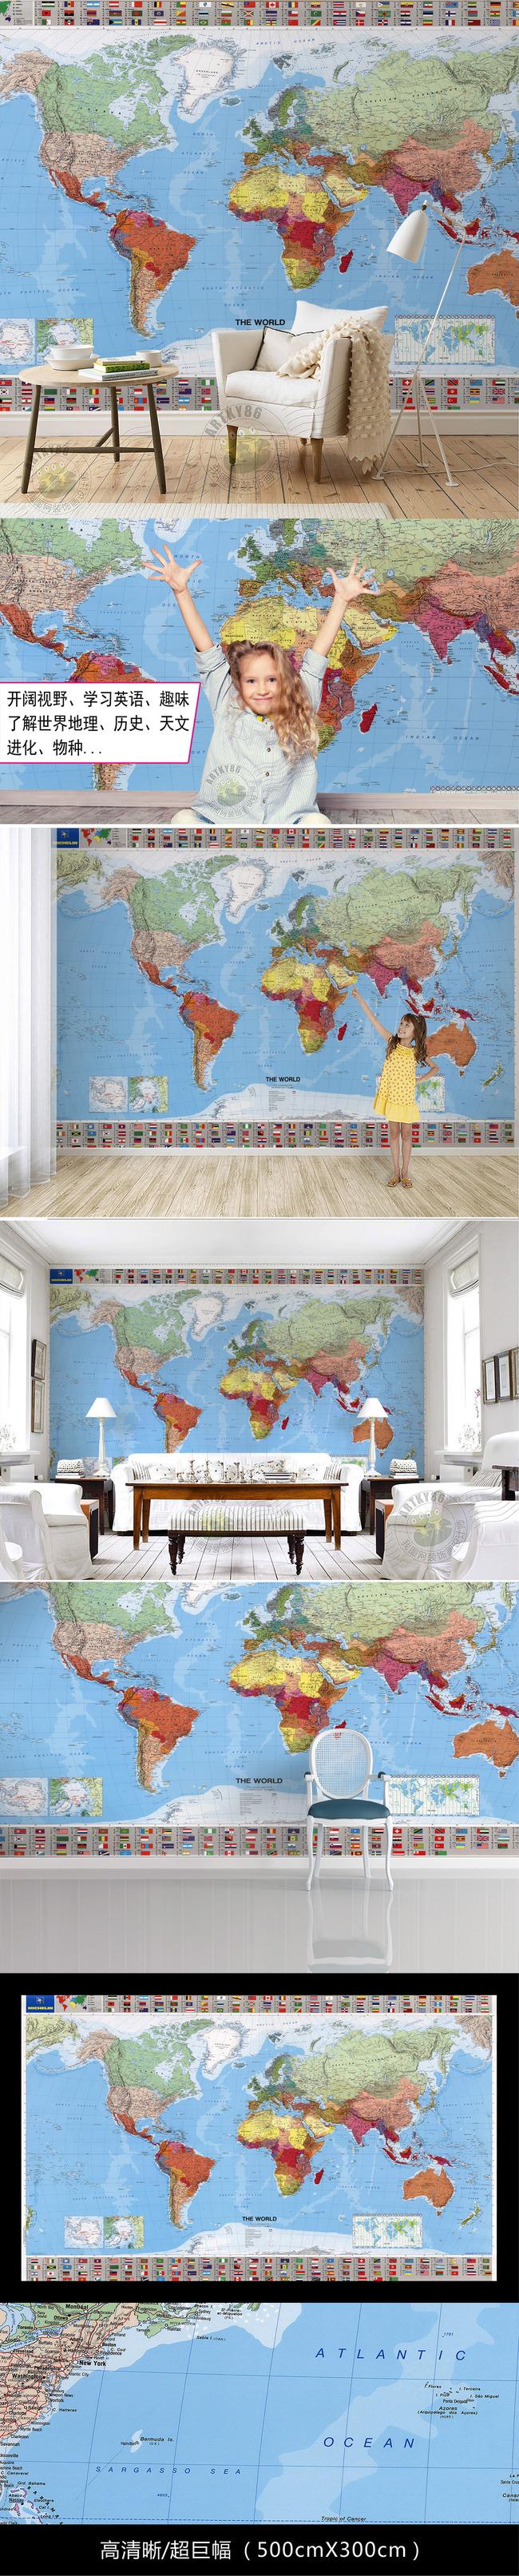 世界墙国家地图国旗背景墙图片下载